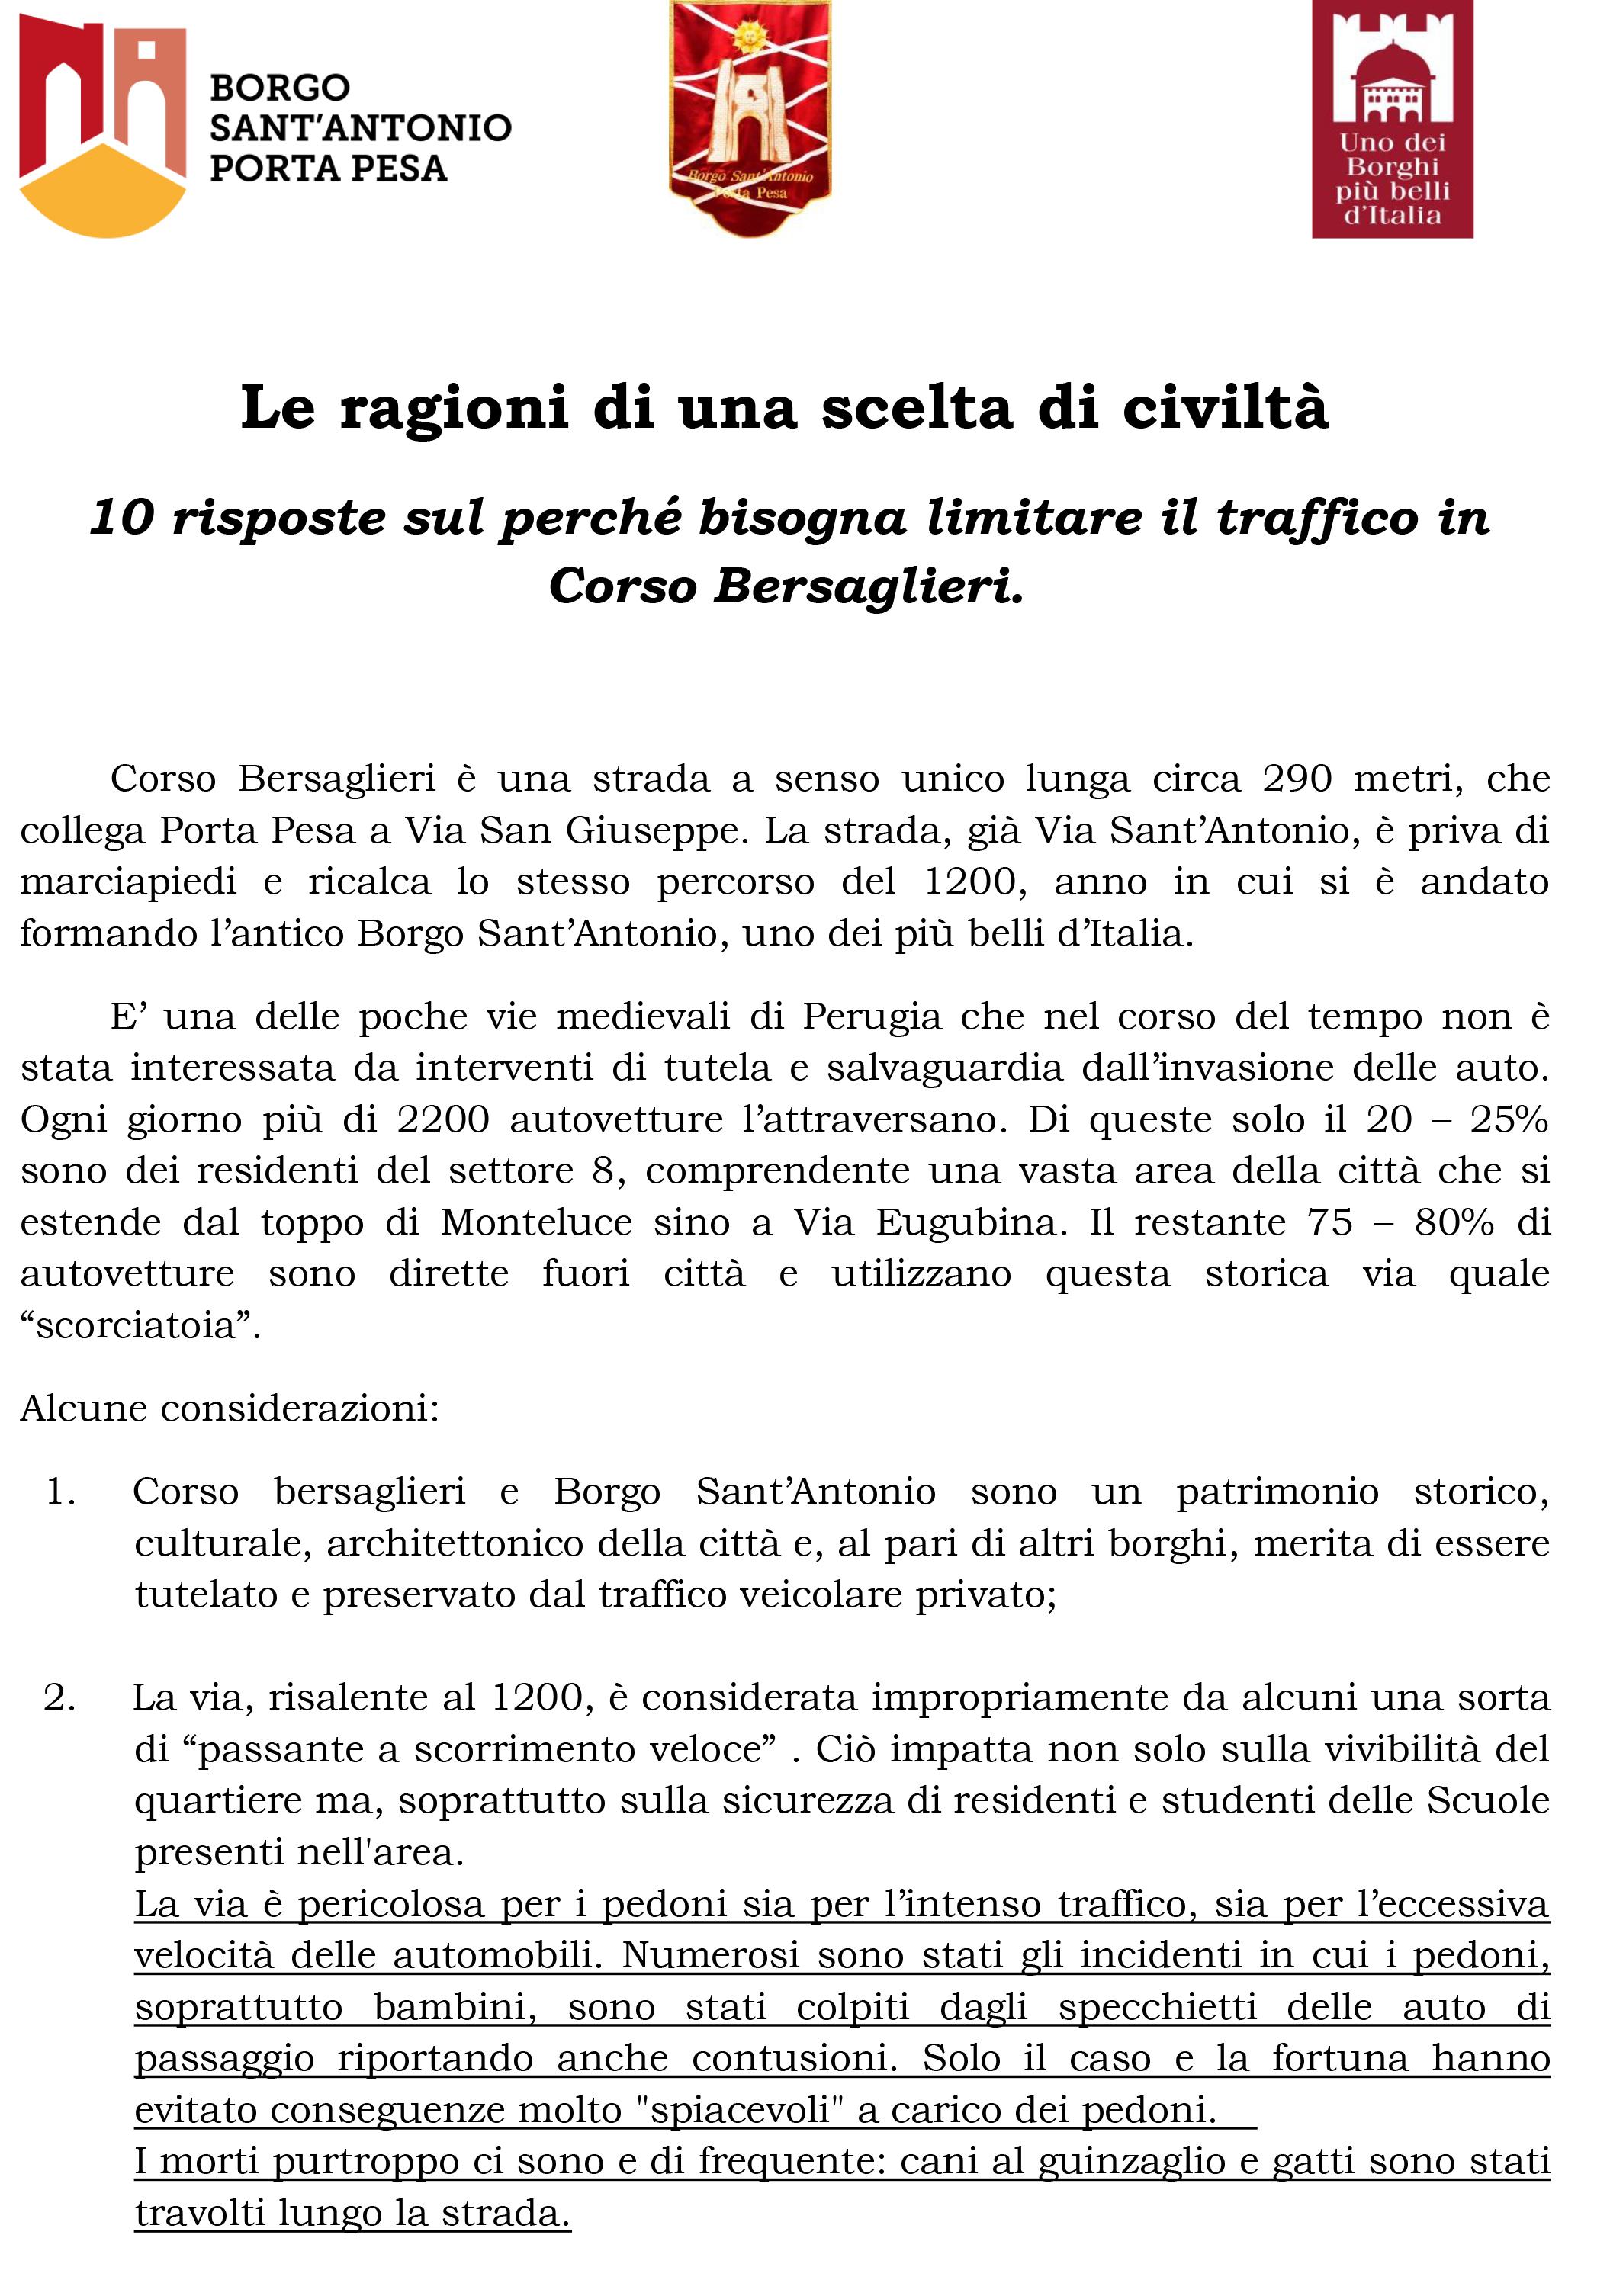 Considerazioni sulla ZTL in Corso bersaglieri-1